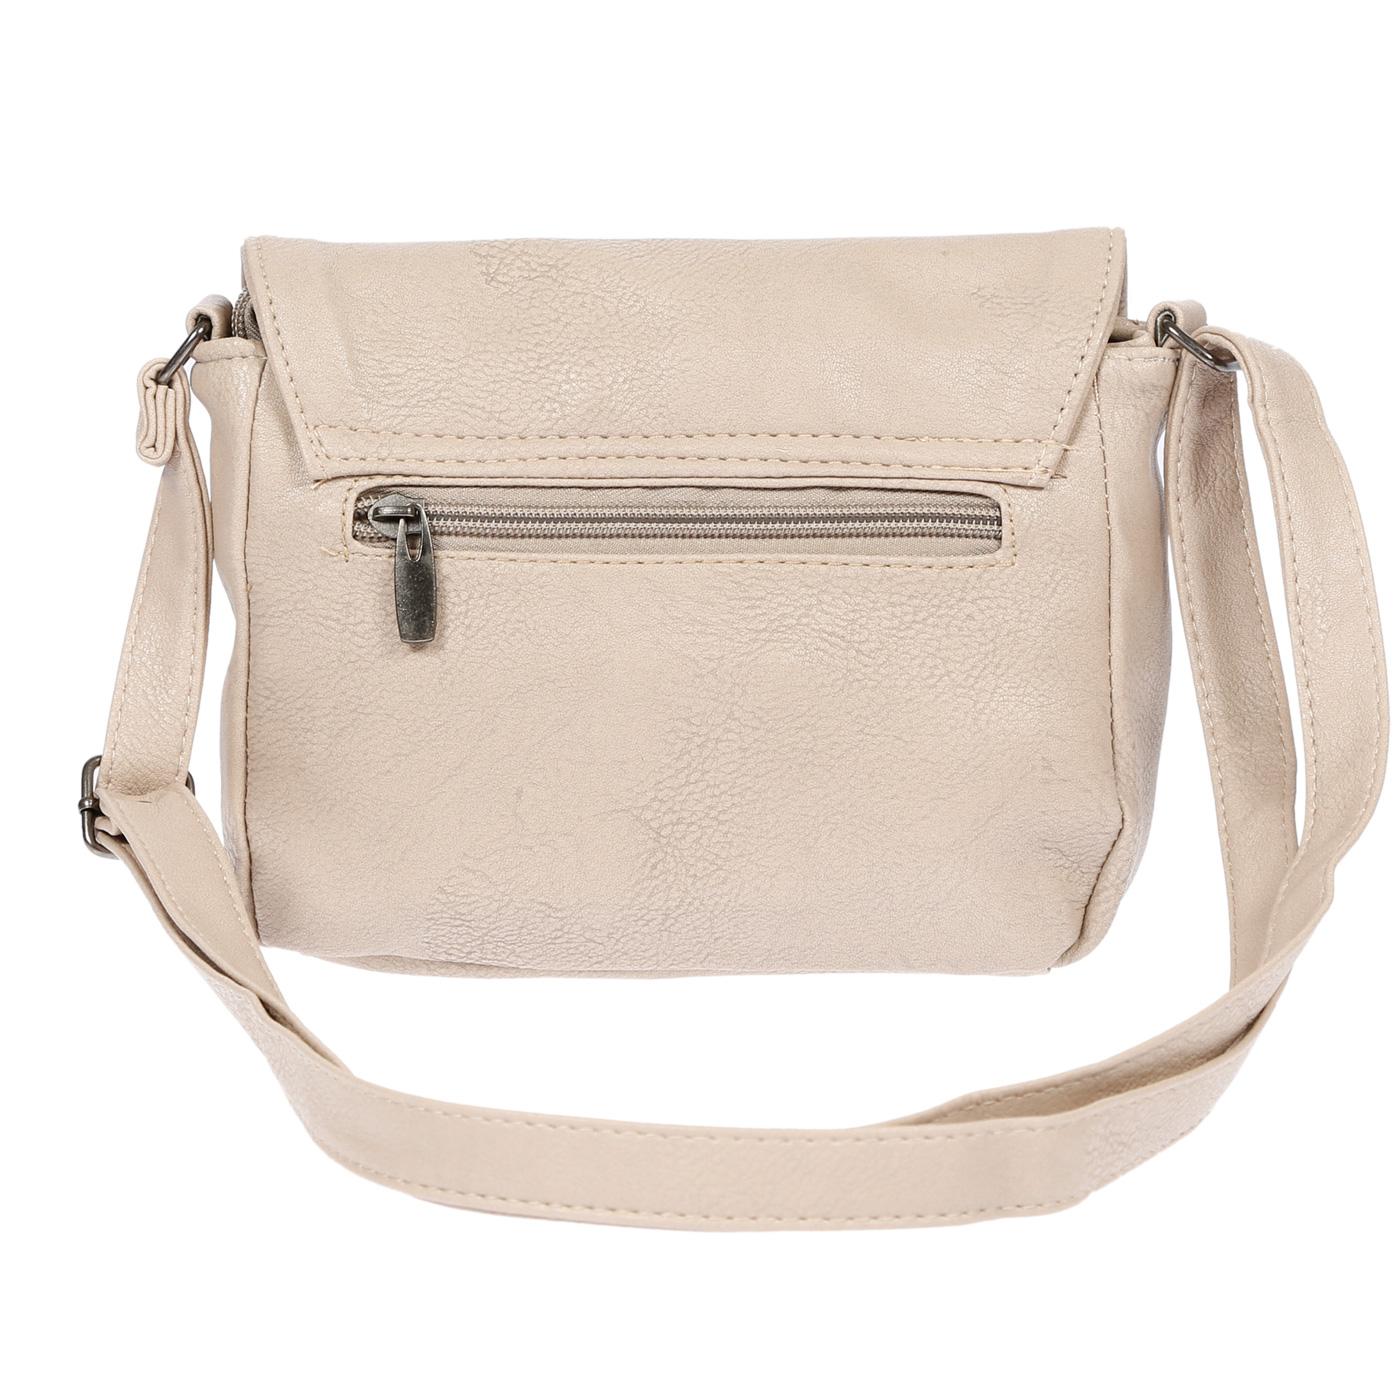 Kleine-Damen-Tasche-Umhaengetasche-Schultertasche-Crossover-Bag-Leder-Optik-NEU Indexbild 24